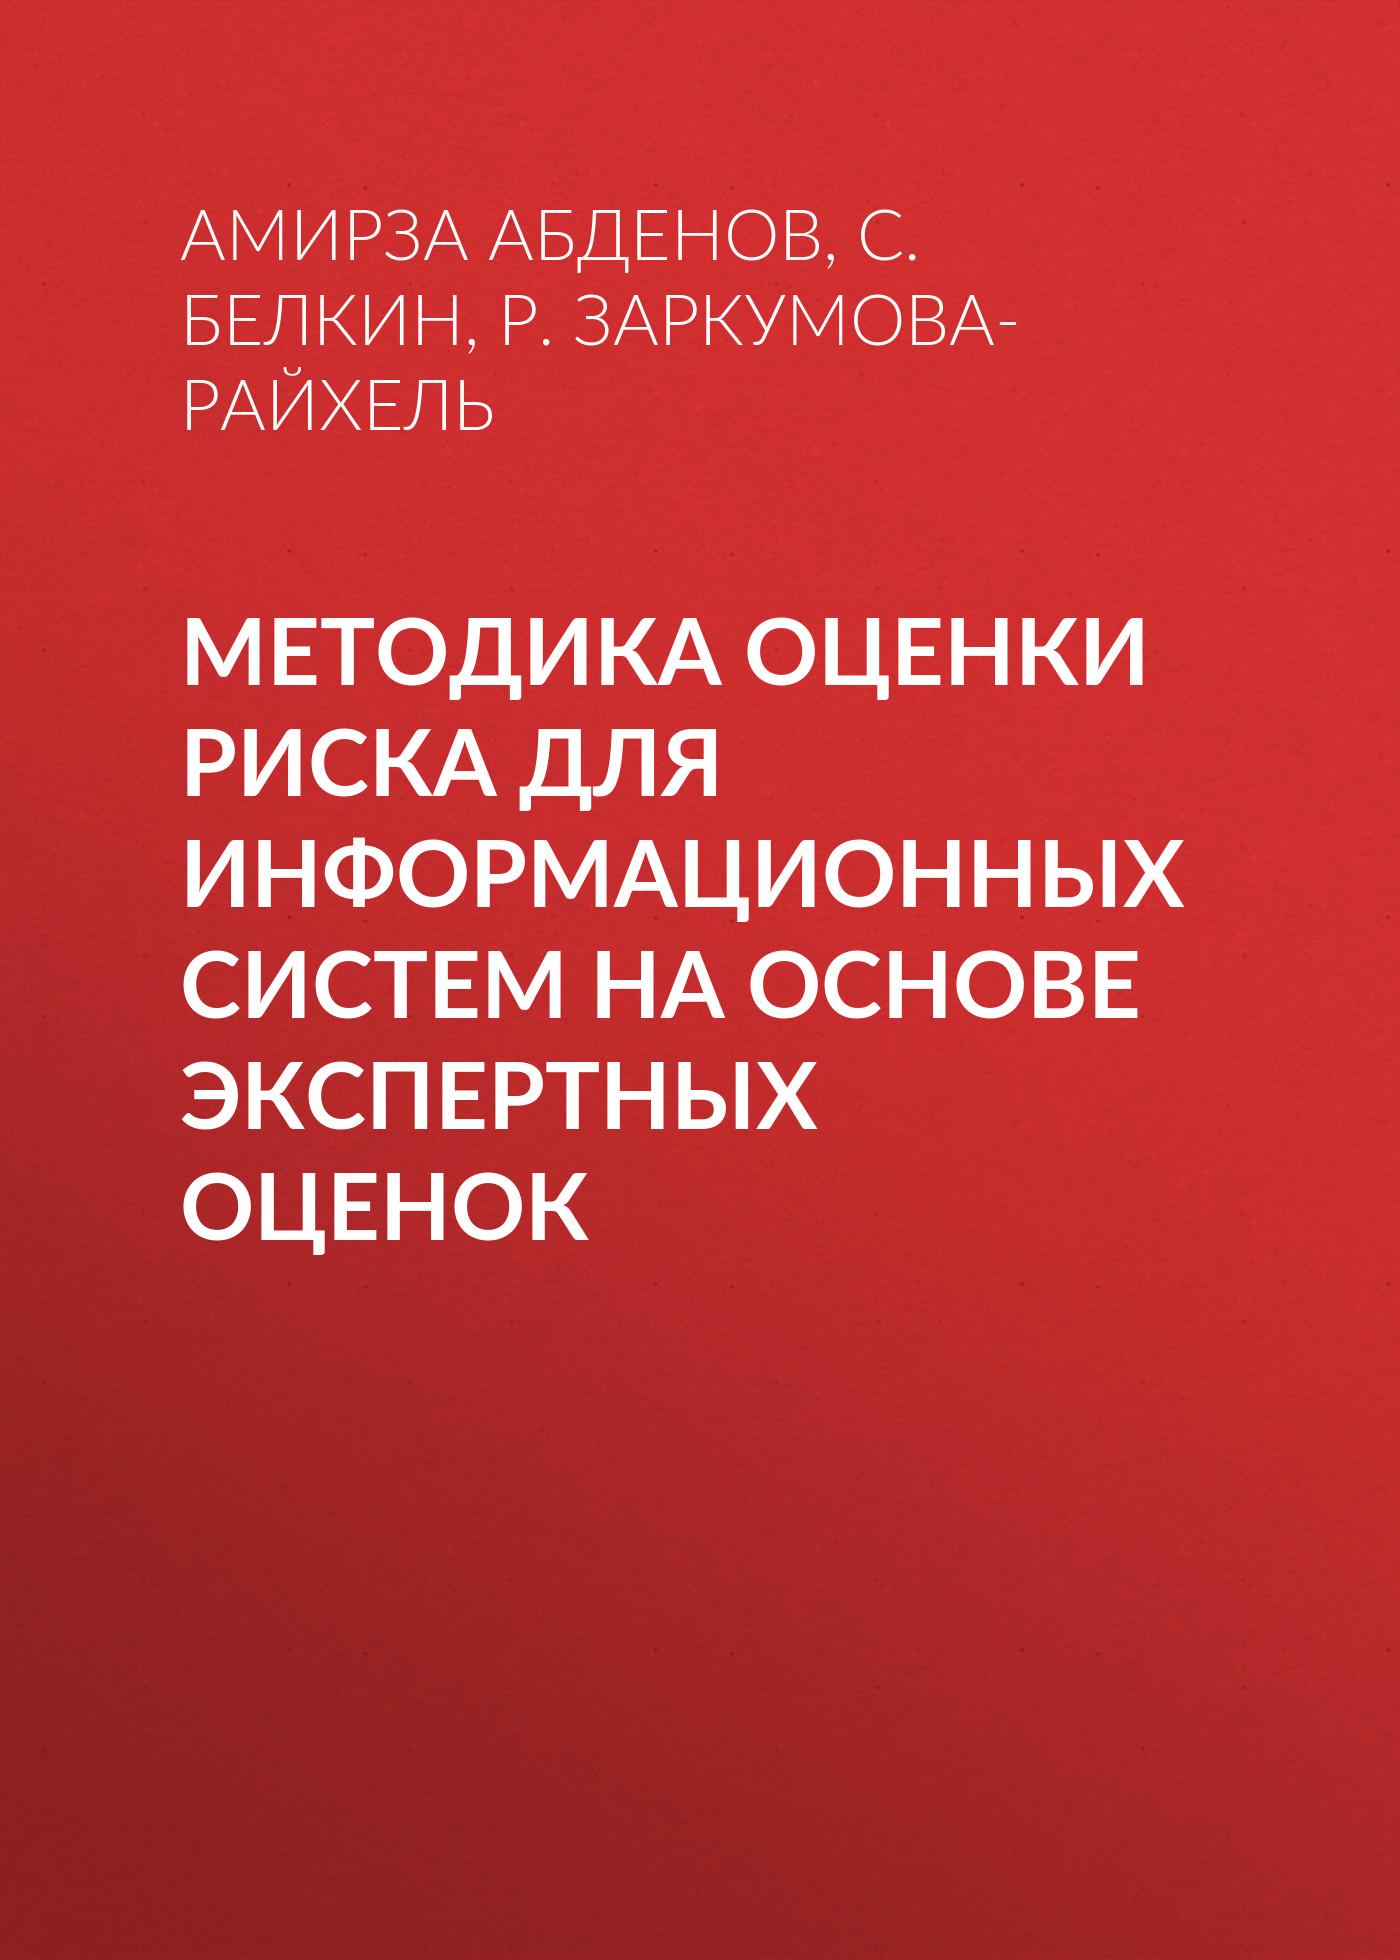 Амирза Абденов Методика оценки риска для информационных систем на основе экспертных оценок